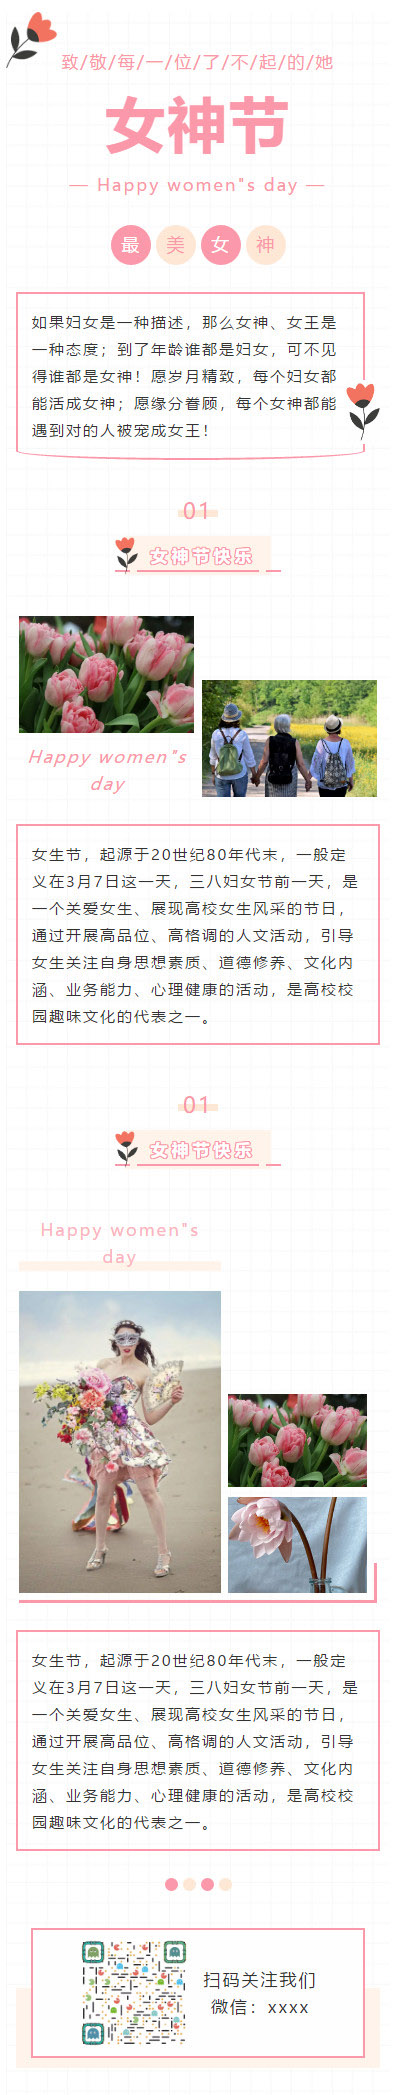 女生节妇女节微信公众号模板女神节模板订阅号推文推送图文素材